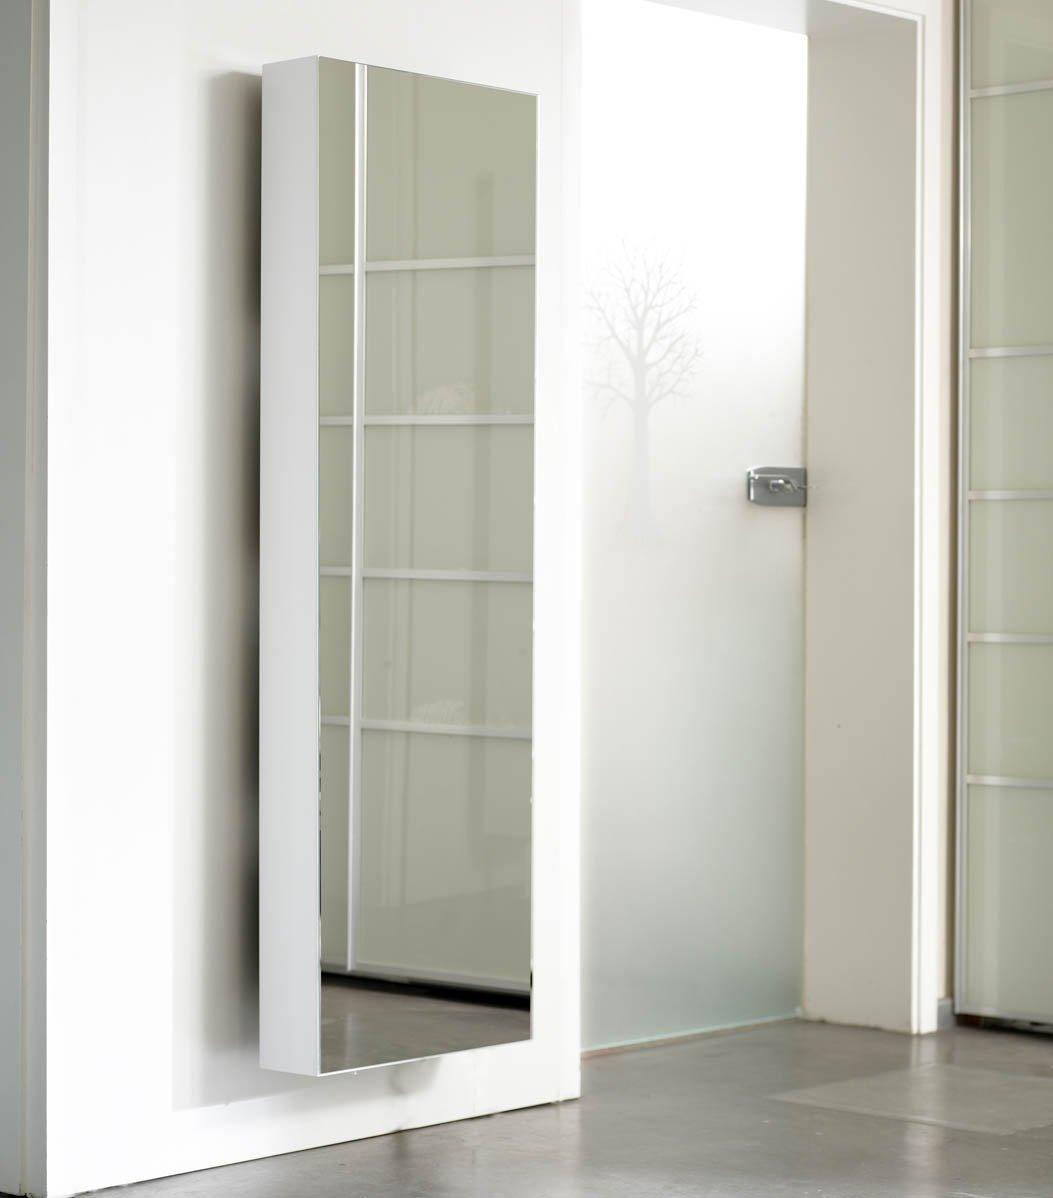 schuhschrank mit spiegel tipps infos und empfehlungen. Black Bedroom Furniture Sets. Home Design Ideas